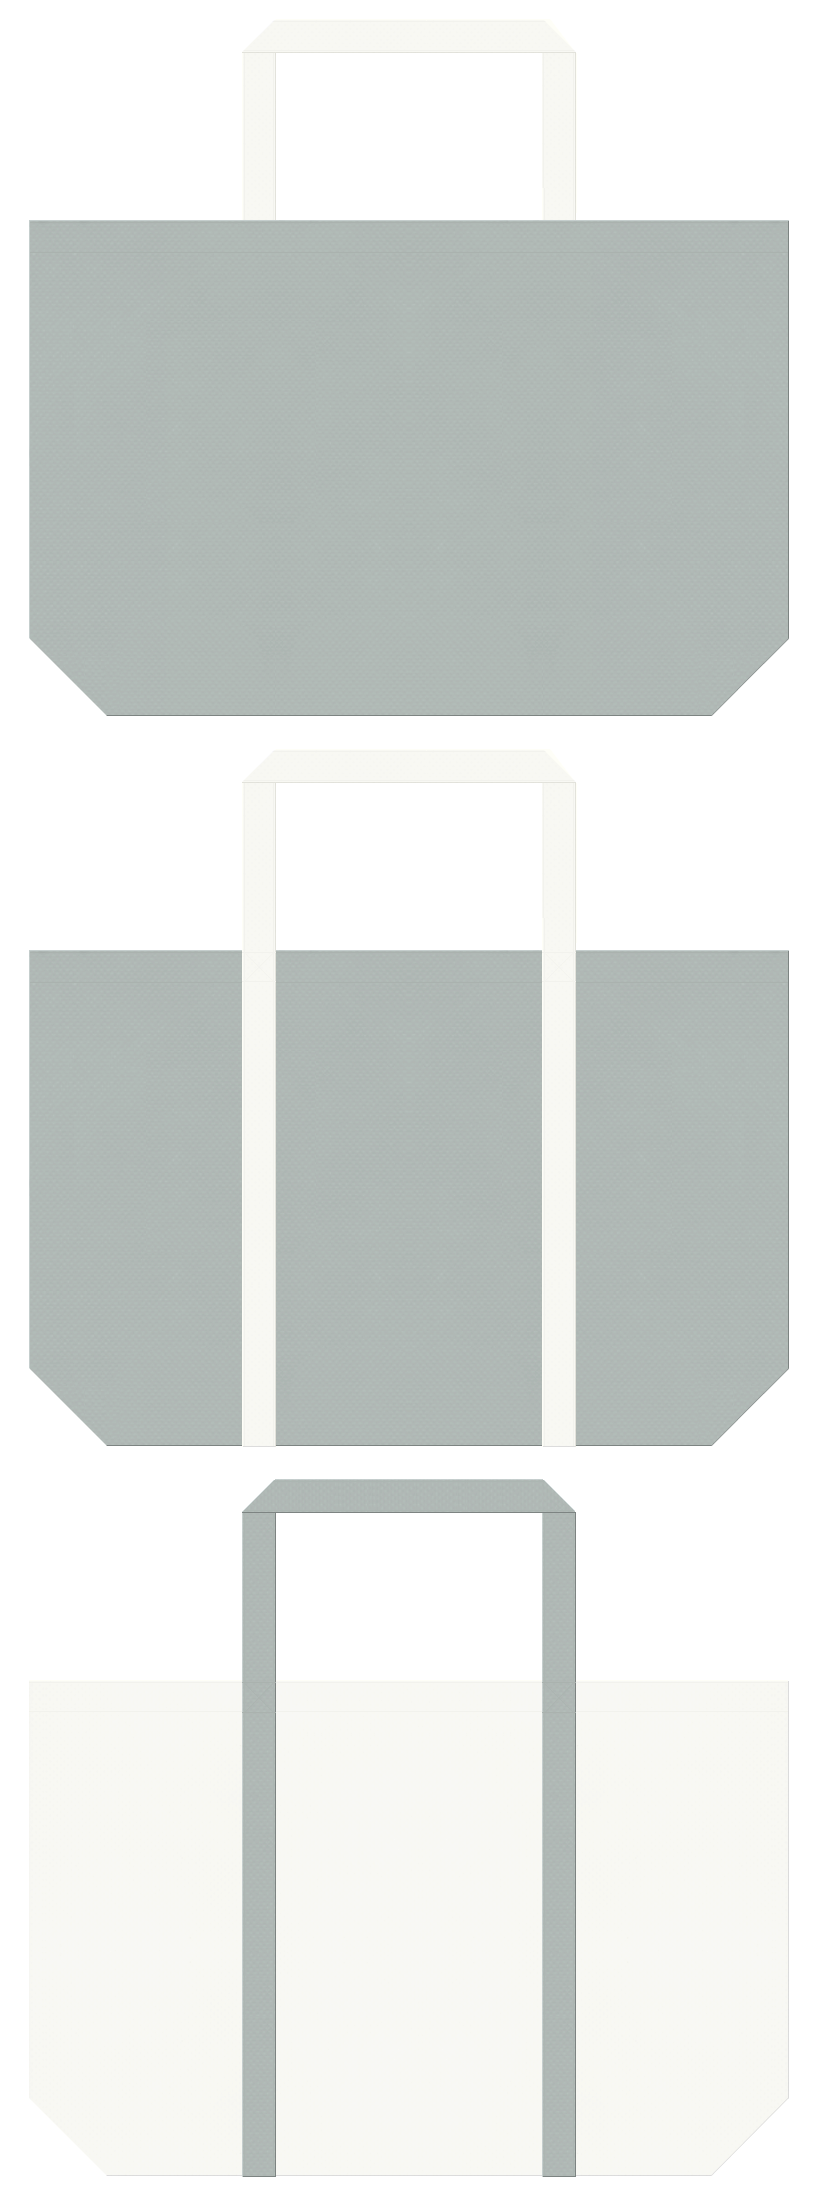 什器、設計、オフィス用品のバッグノベルティにお奨めのコーデ。グレー色とオフホワイト色の不織布エコバッグのデザイン。コアラ風の配色です。